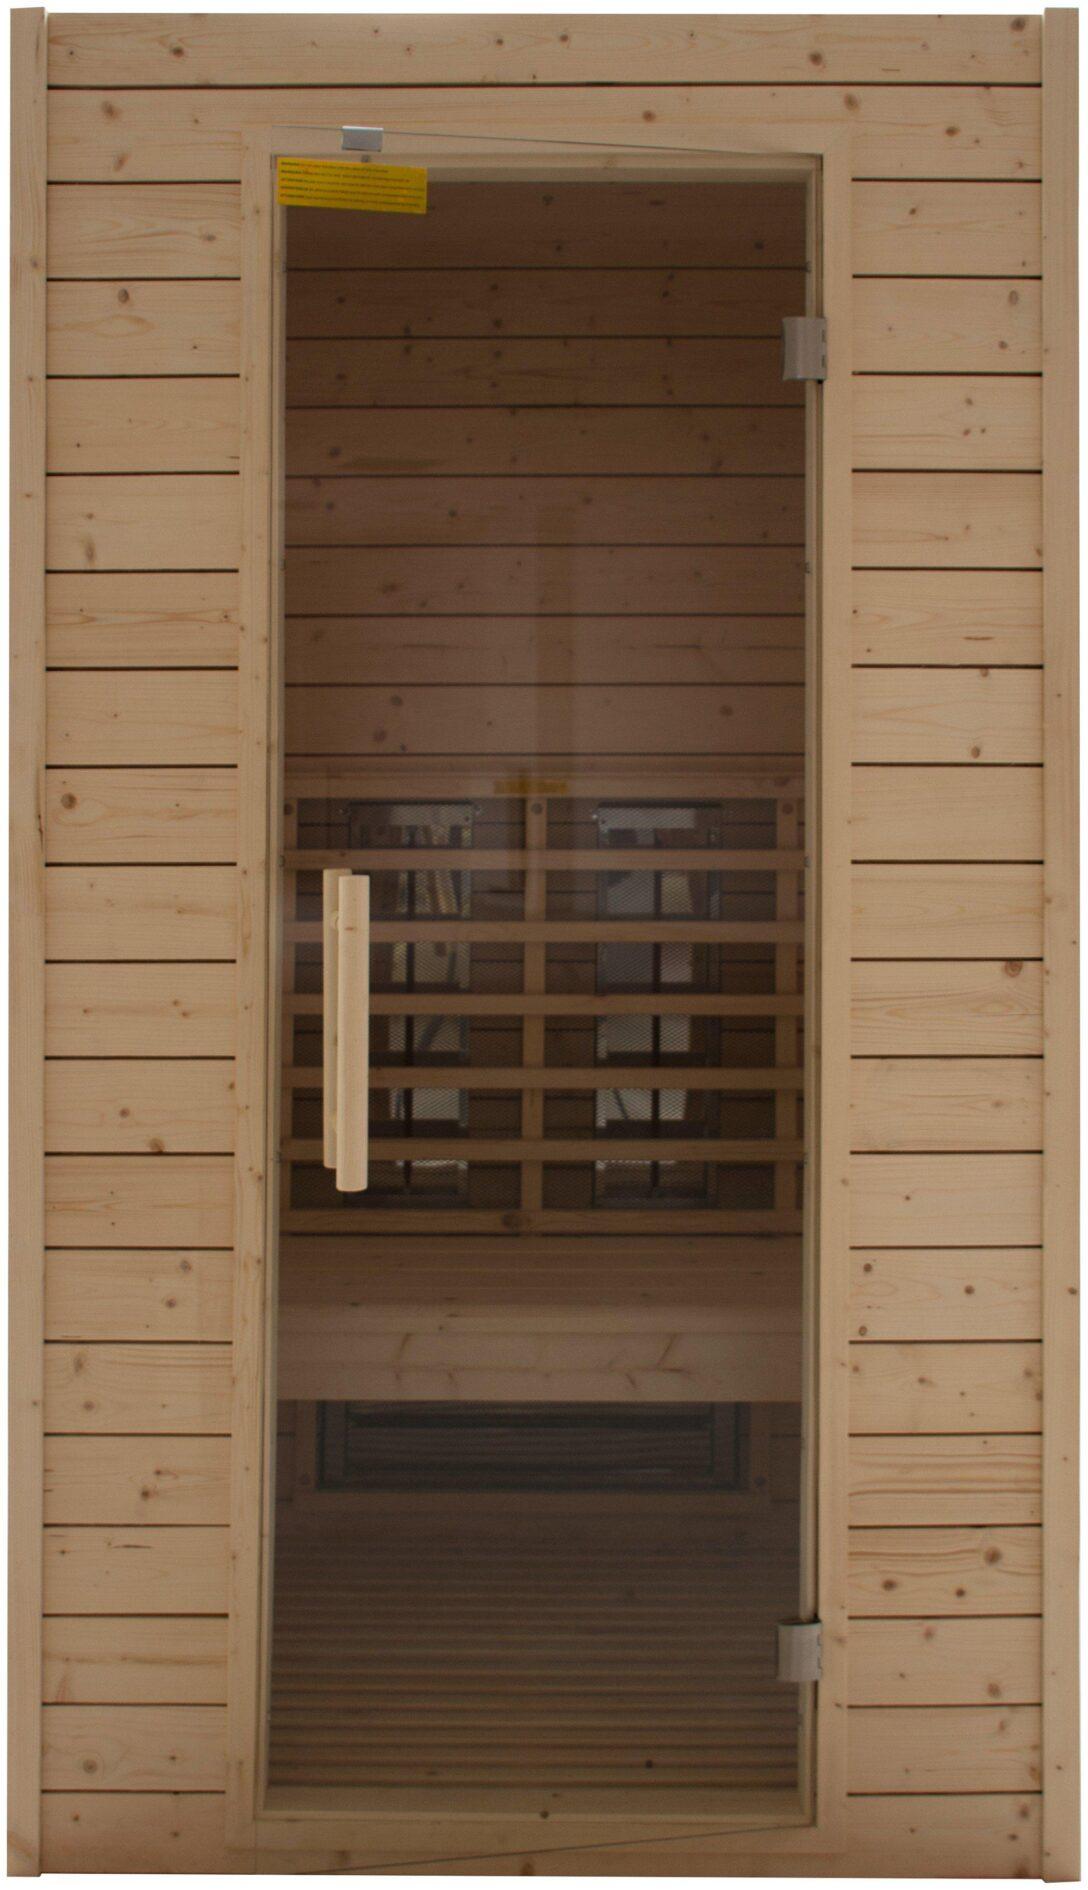 Large Size of Sauna Kaufen Roro Spa Saunen Online Mbel Suchmaschine Dusche Betten Günstig Sofa Verkaufen Fenster In Polen Outdoor Küche Bett Aus Paletten 180x200 Alte Wohnzimmer Sauna Kaufen